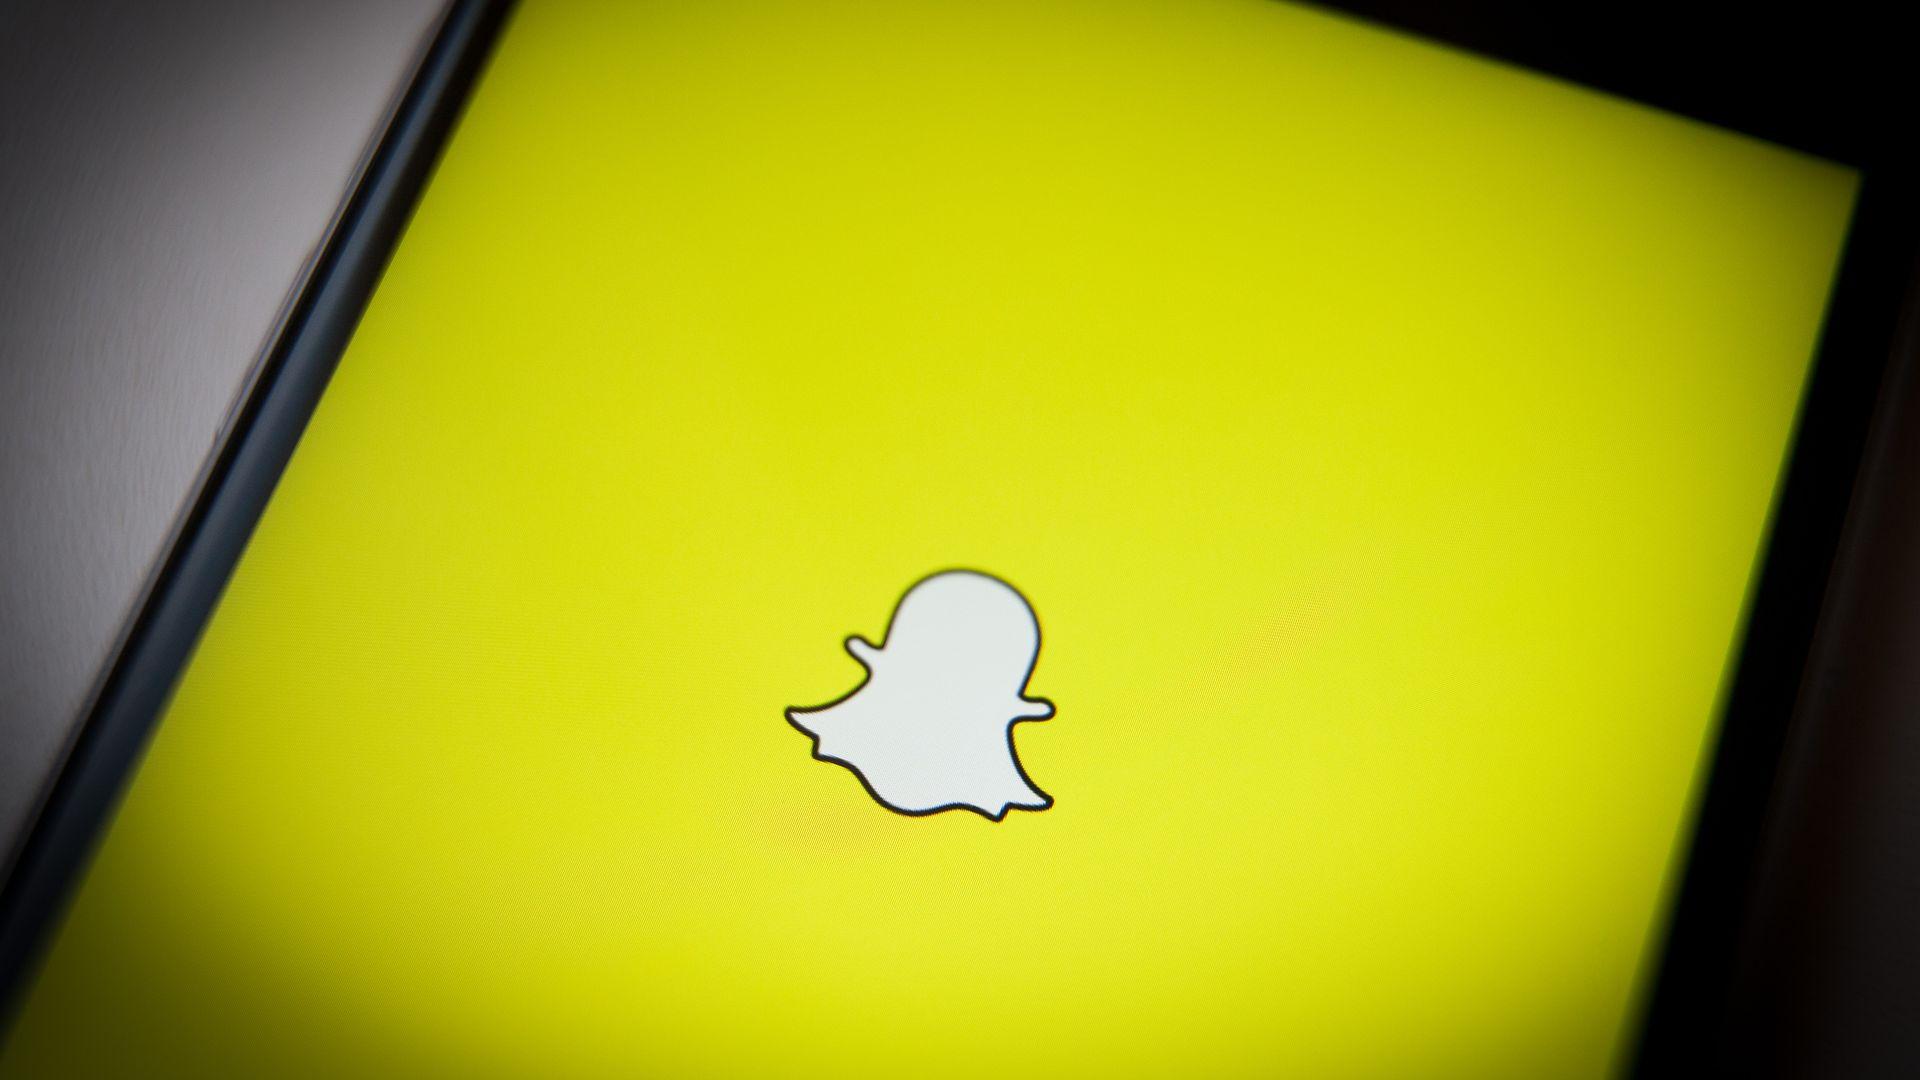 Snapchat's mobile app